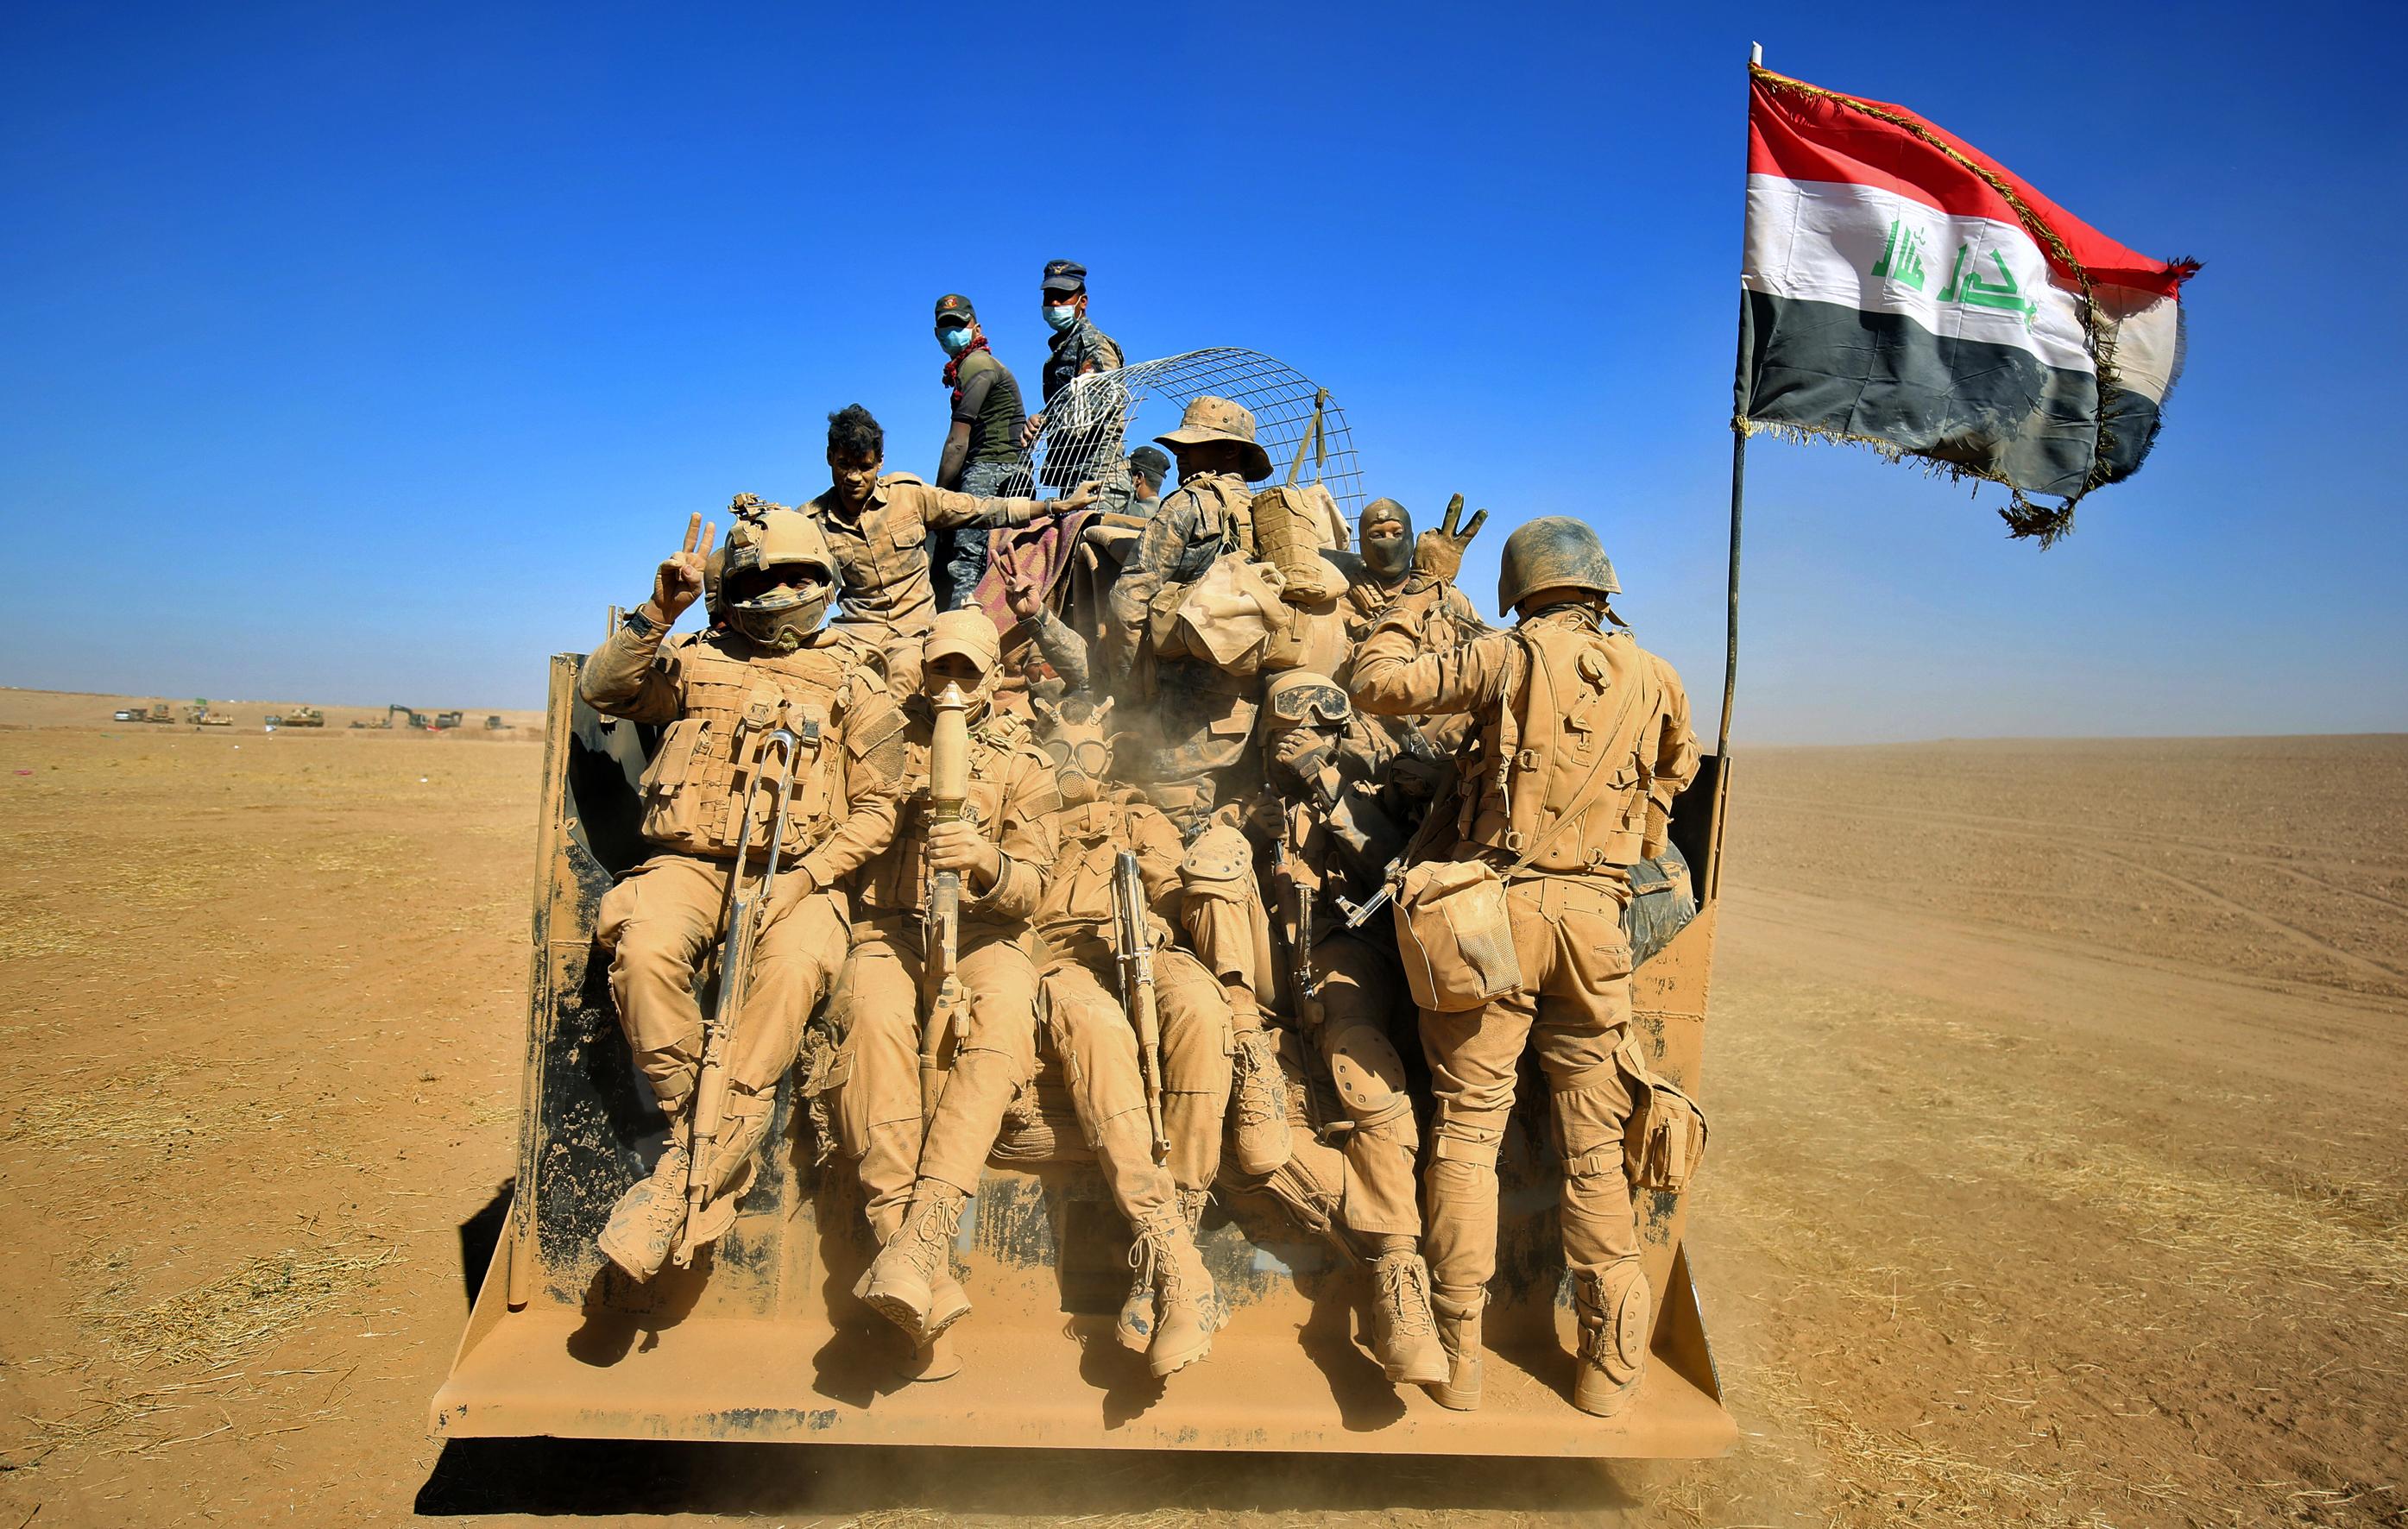 Des forces iraqiennes à l'arrière d'un véhicule de troupe, au nord-est de la base de Qayyarah, le 20 octobre 2016. / AFP PHOTO / AHMAD AL-RUBAYE